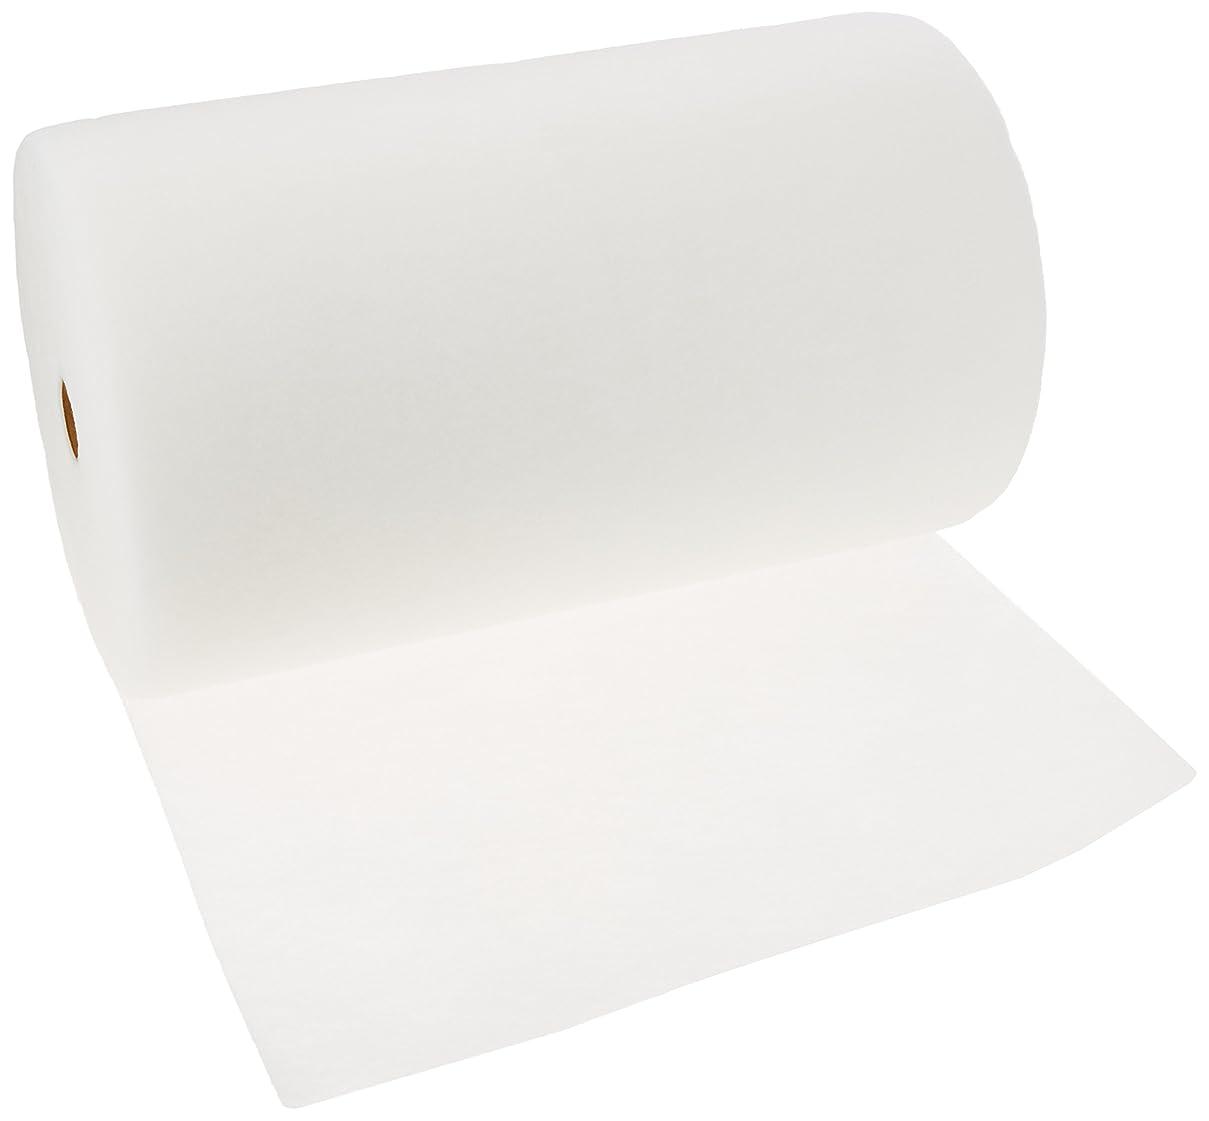 気性お別れ滅びるエコフレギュラー(エアコンフィルター) フィルターロール巻き 幅60cm×厚み2mm×50m巻き W-4056